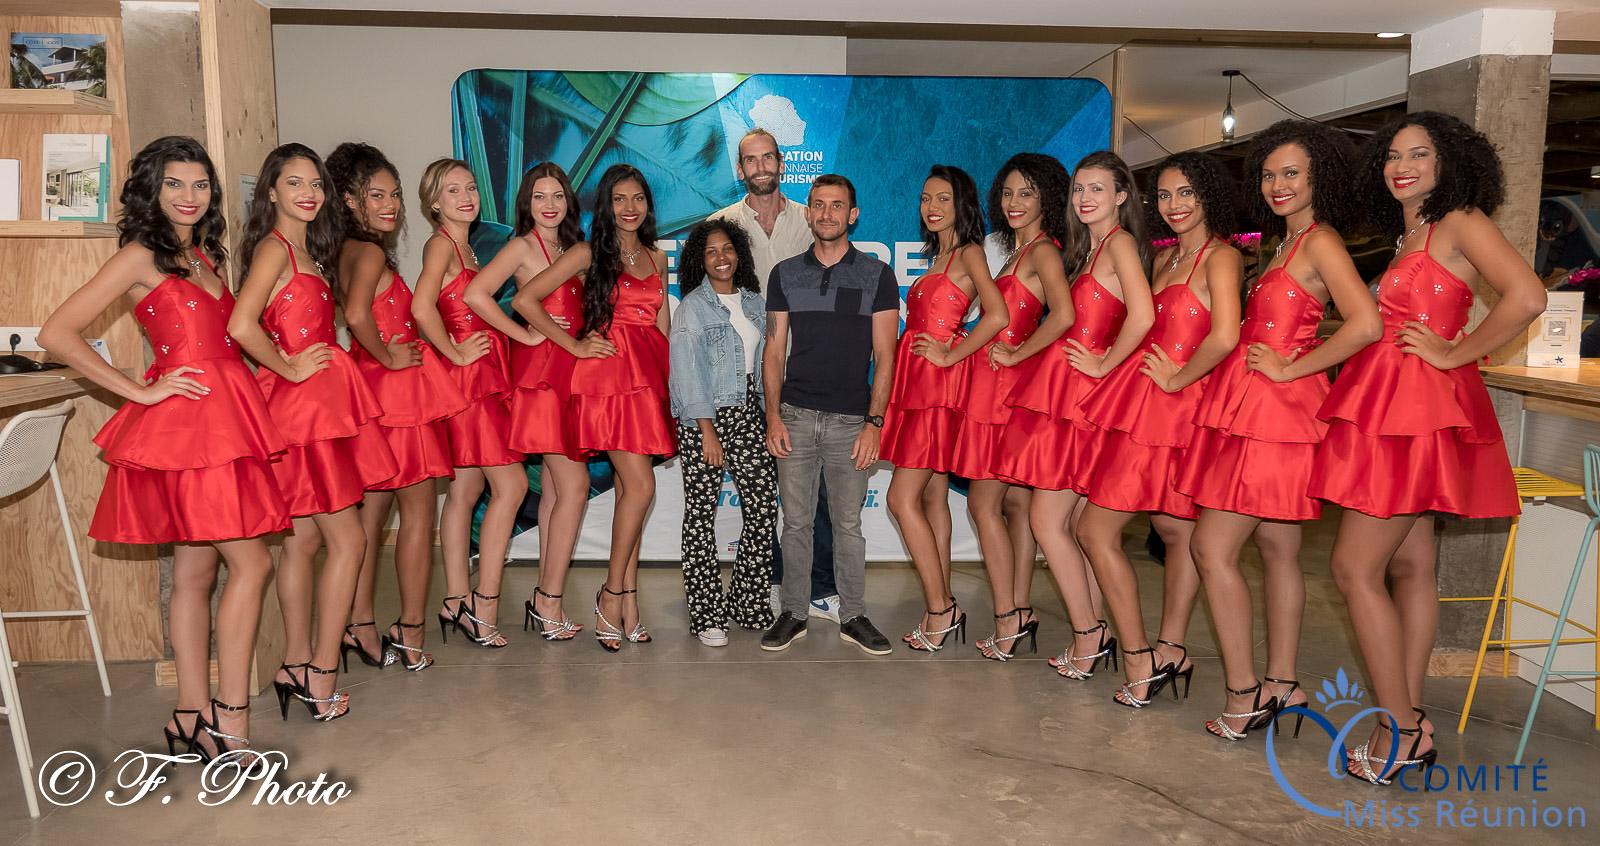 Avec l'équipe d'Antenne Réunion, Virginie Tsiao, Romain Clouet et Charly